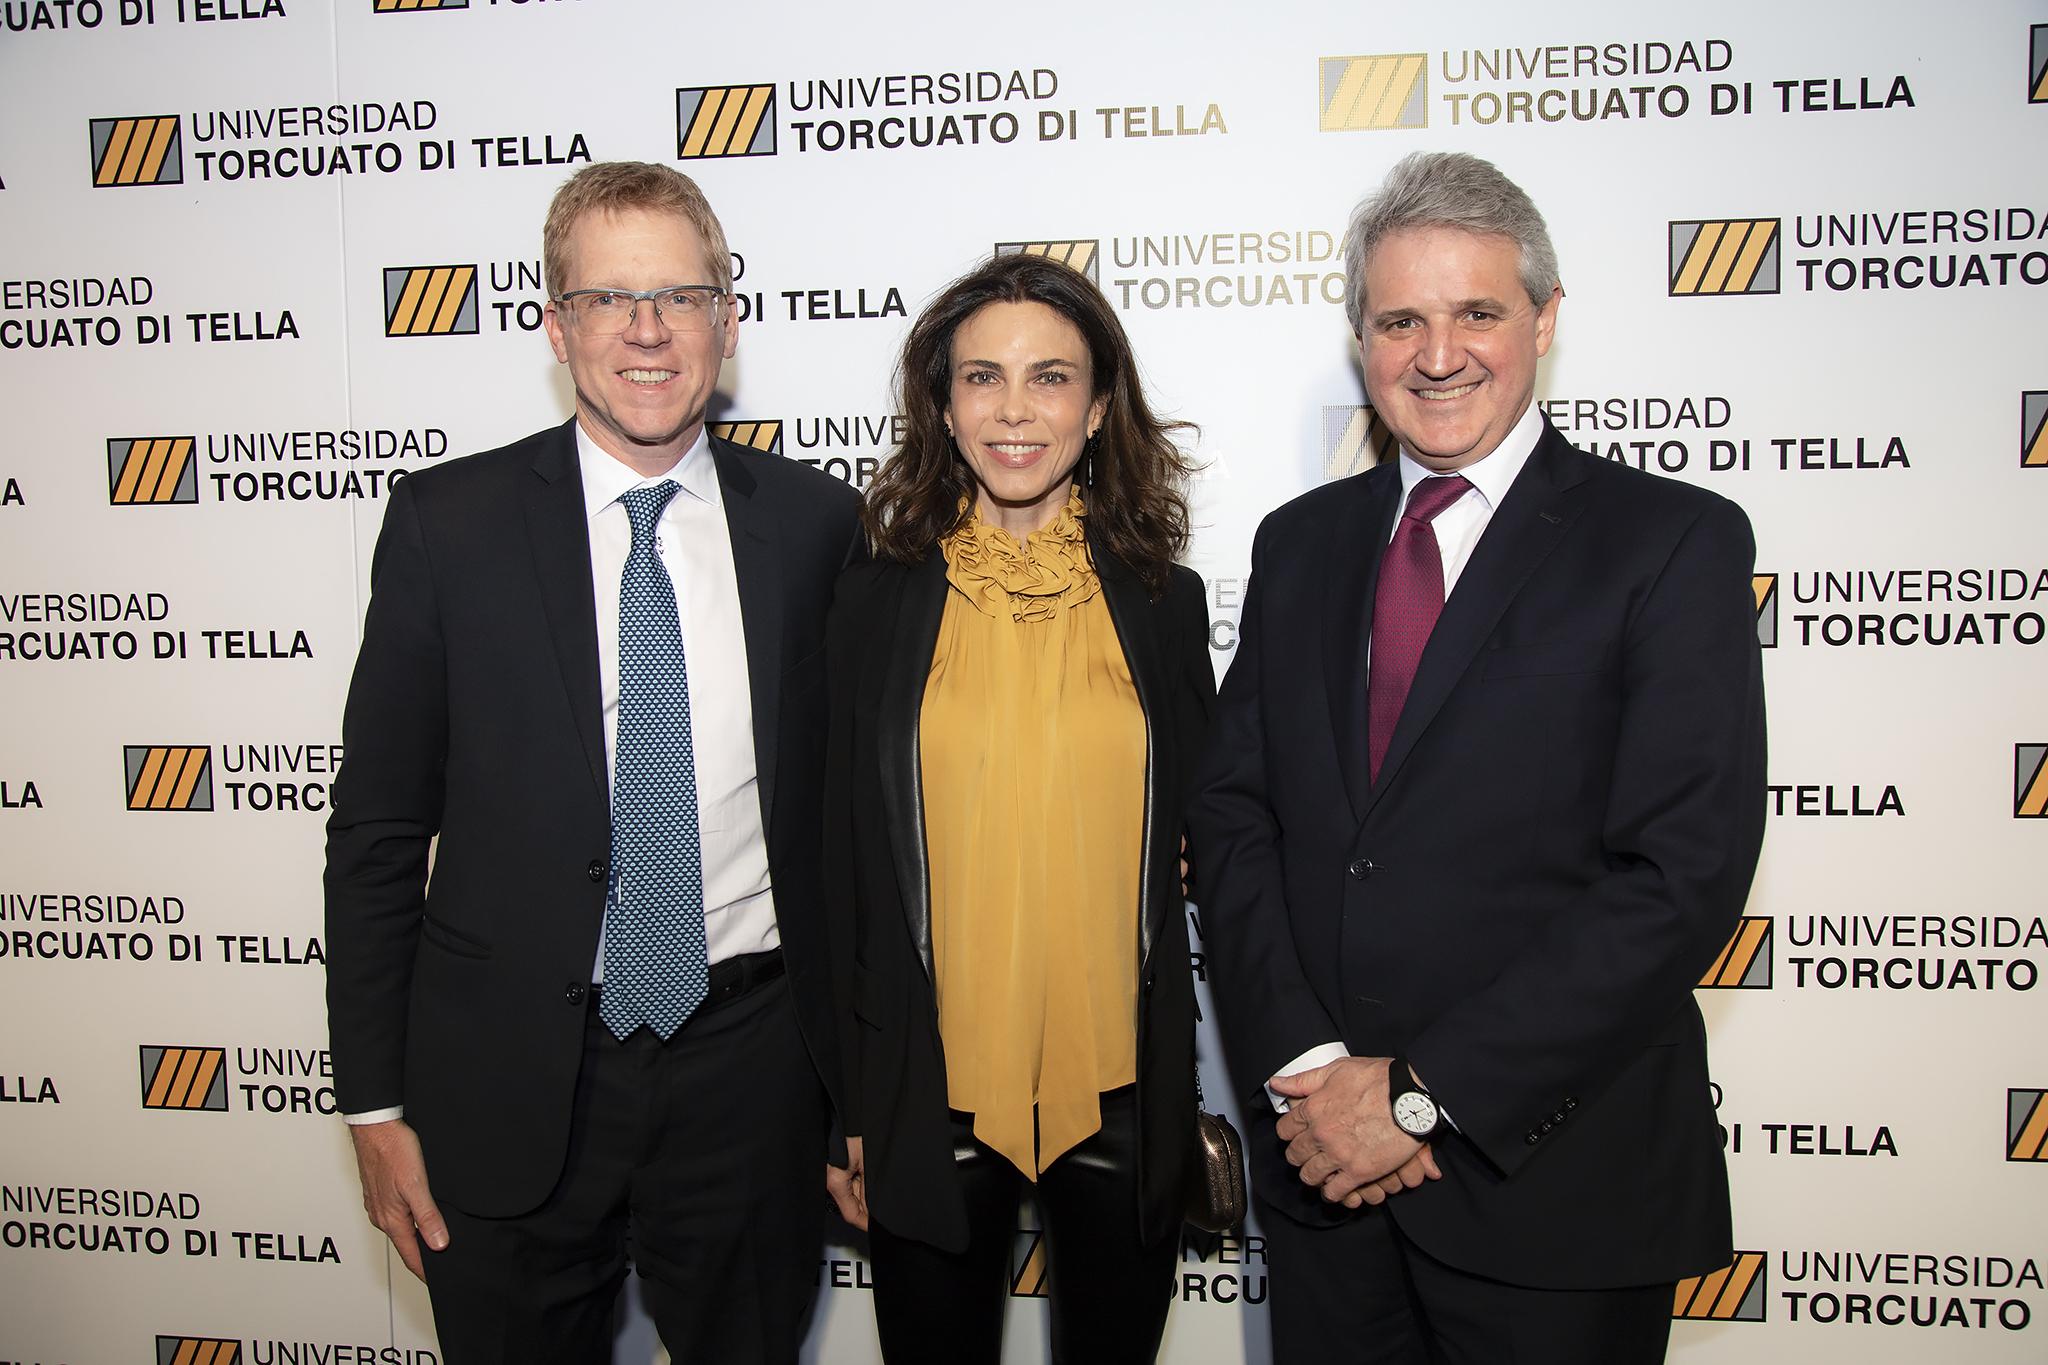 El presidente del Banco Provincia, Juan Curutchet, y su mujer